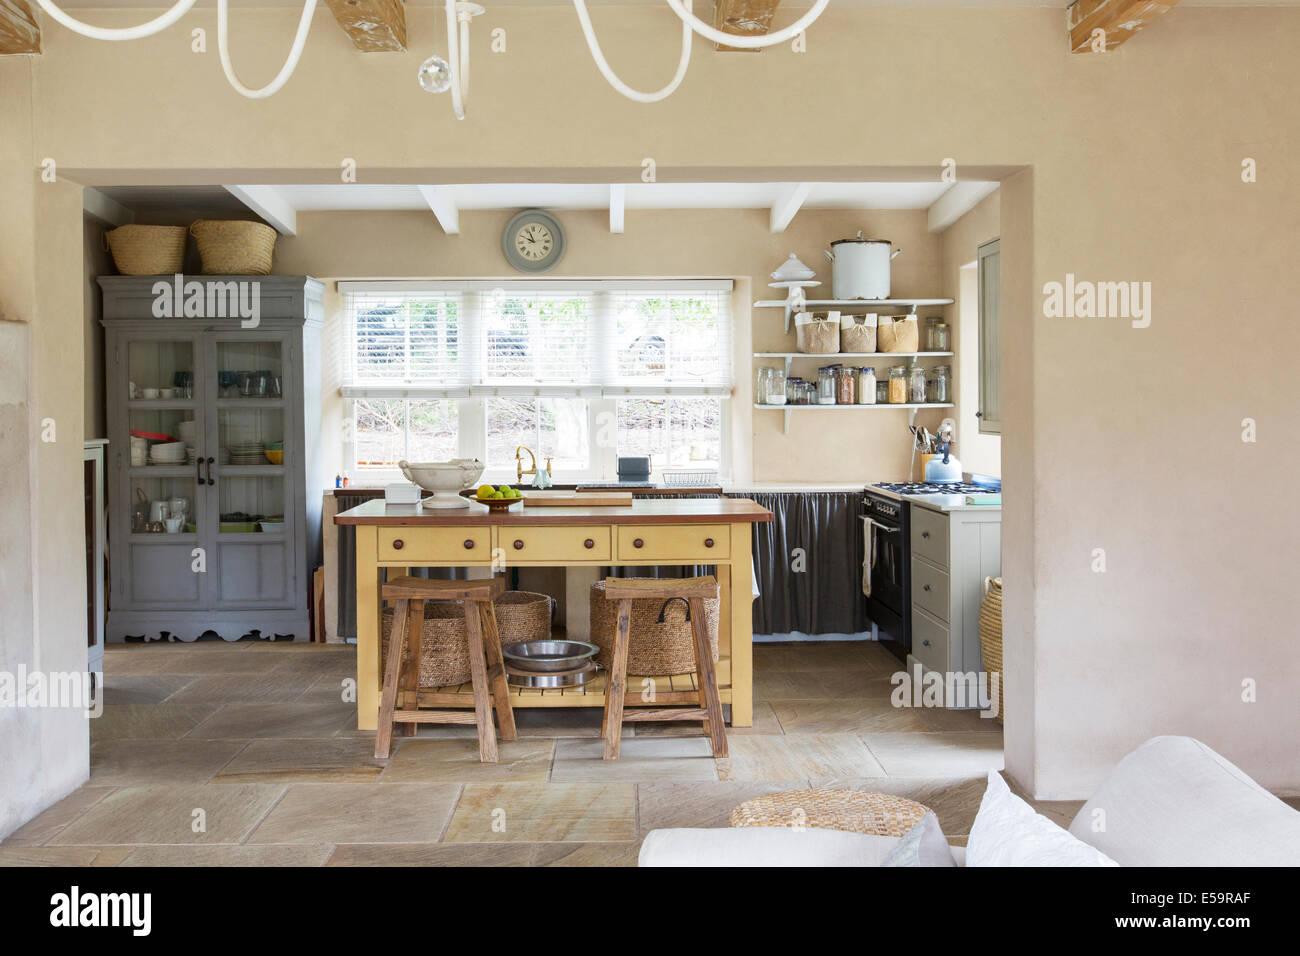 Insel in der Landhaus Küche Stockfoto, Bild: 72130647 - Alamy